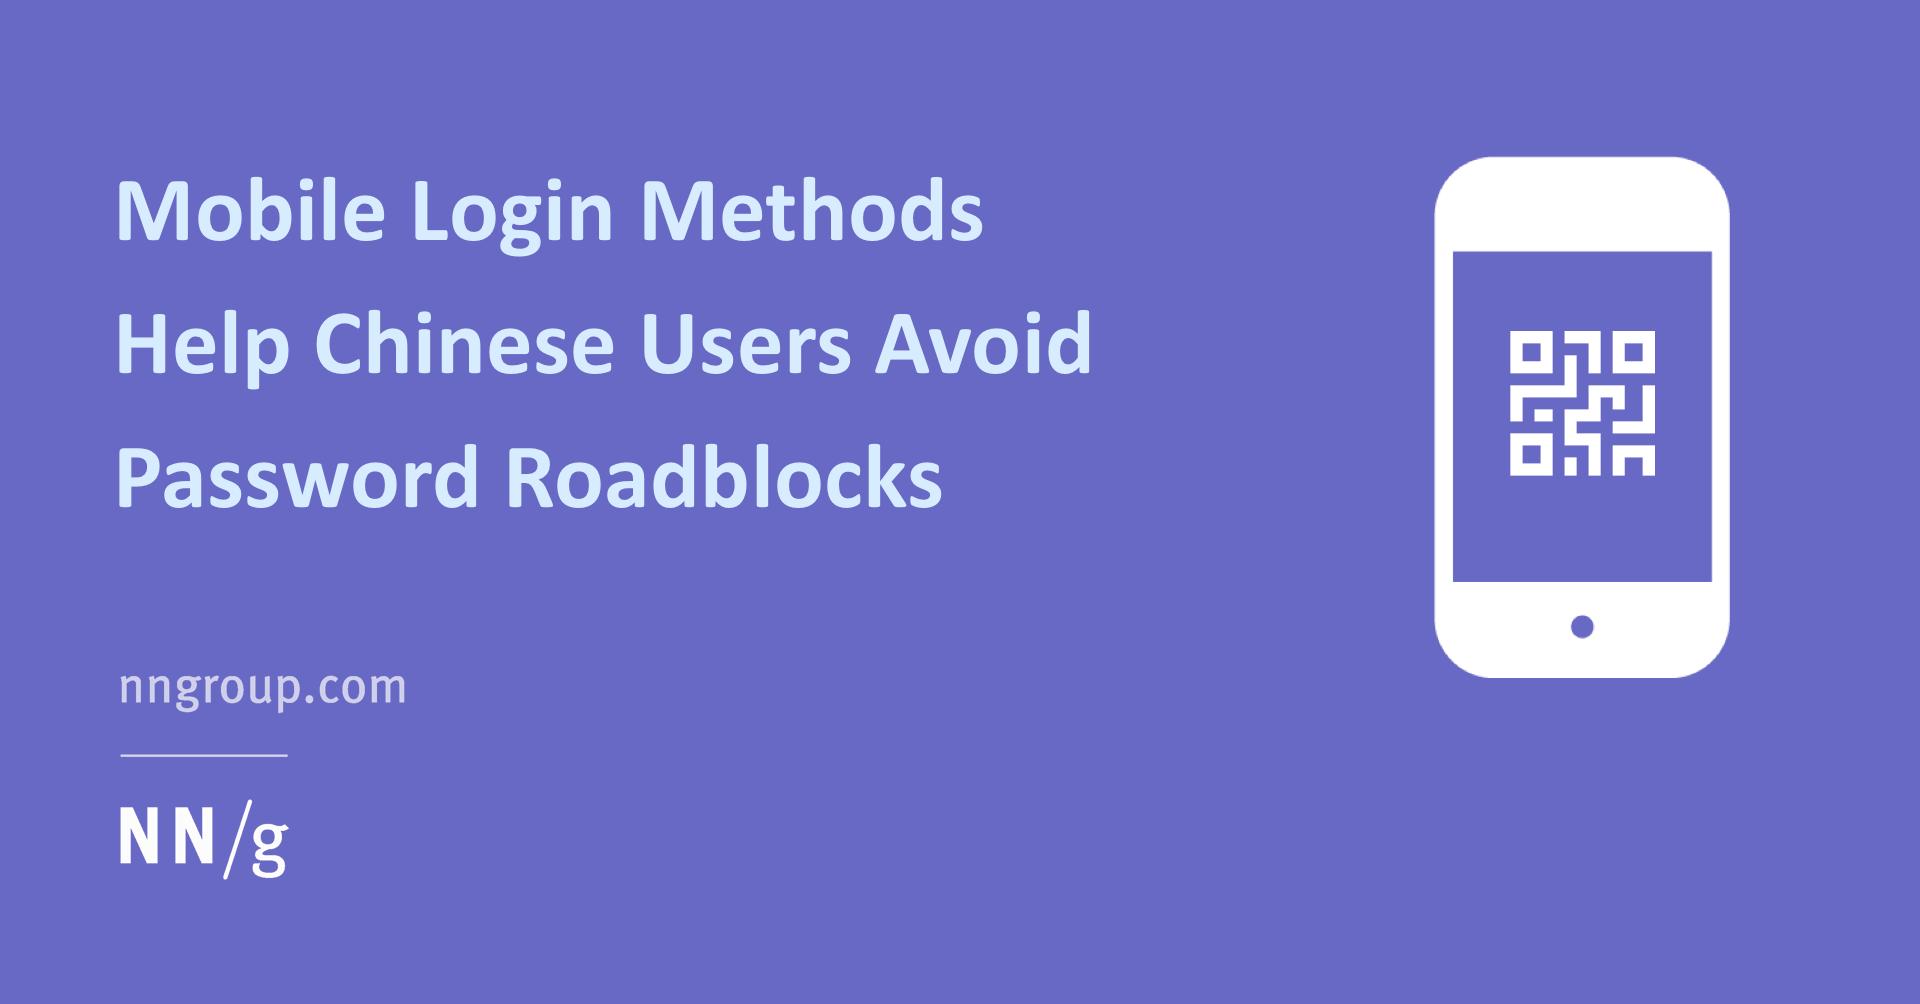 Mobile Login Methods Help Chinese Users Avoid Password Roadblocks